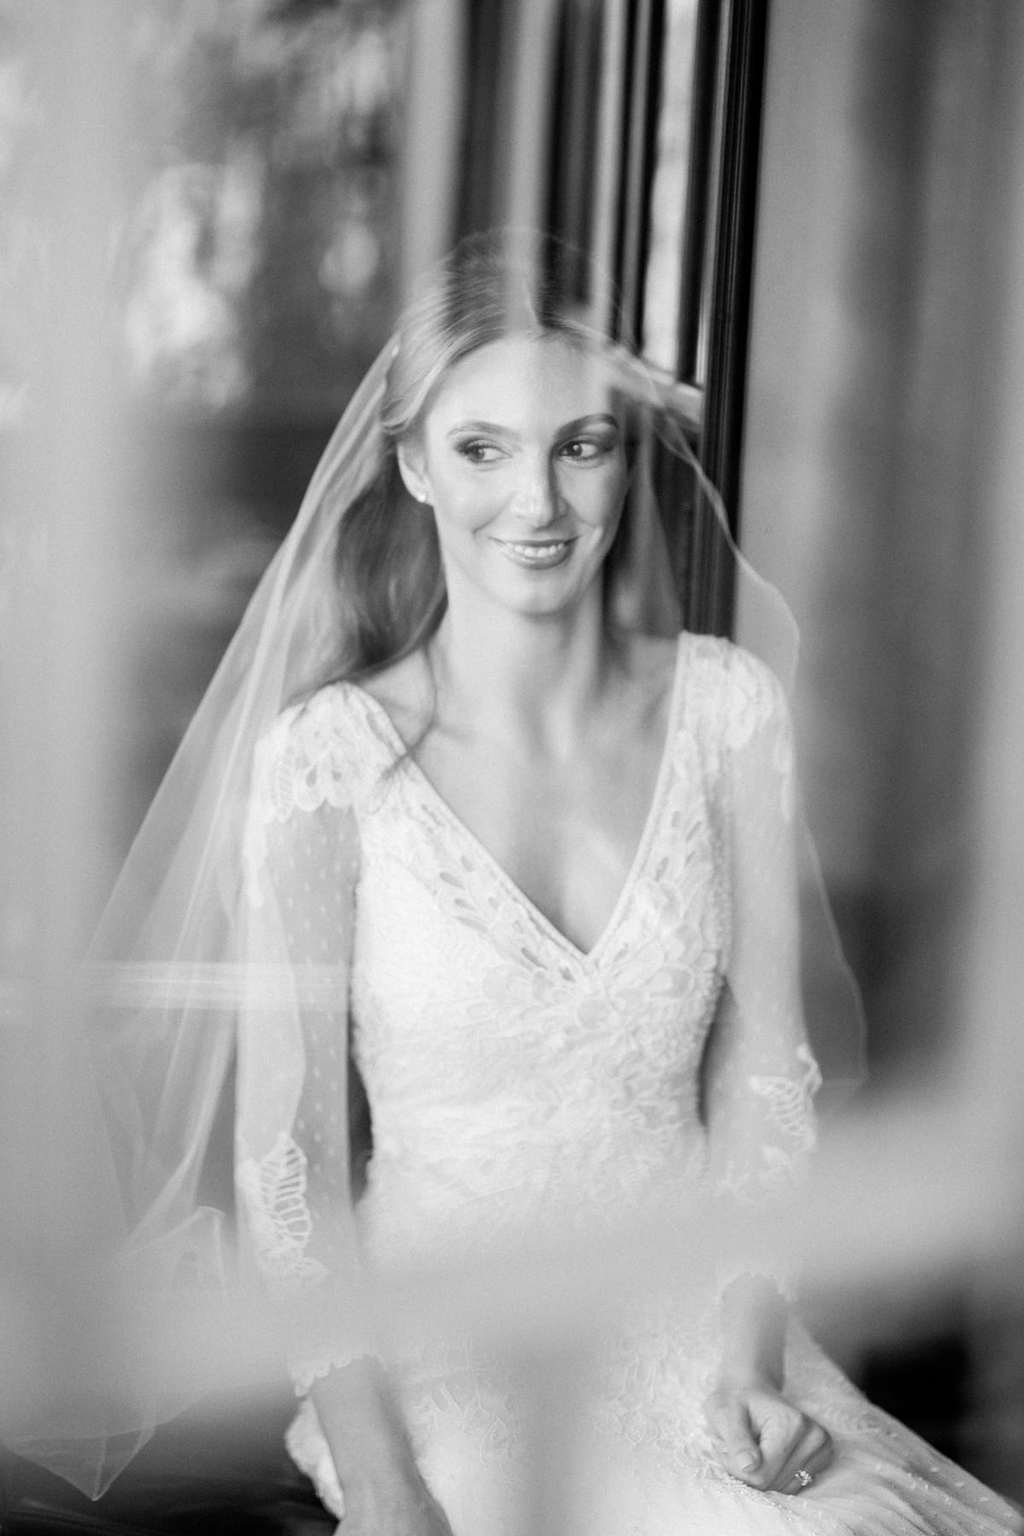 casamento-Camila-e-Diogo-casamento-na-fazenda-casamento-na-serra-casamento-romântico-destination-wedding-Fazenda-Santo-Antonio-Fotografia-Rodrigo-Sack-making-of-33